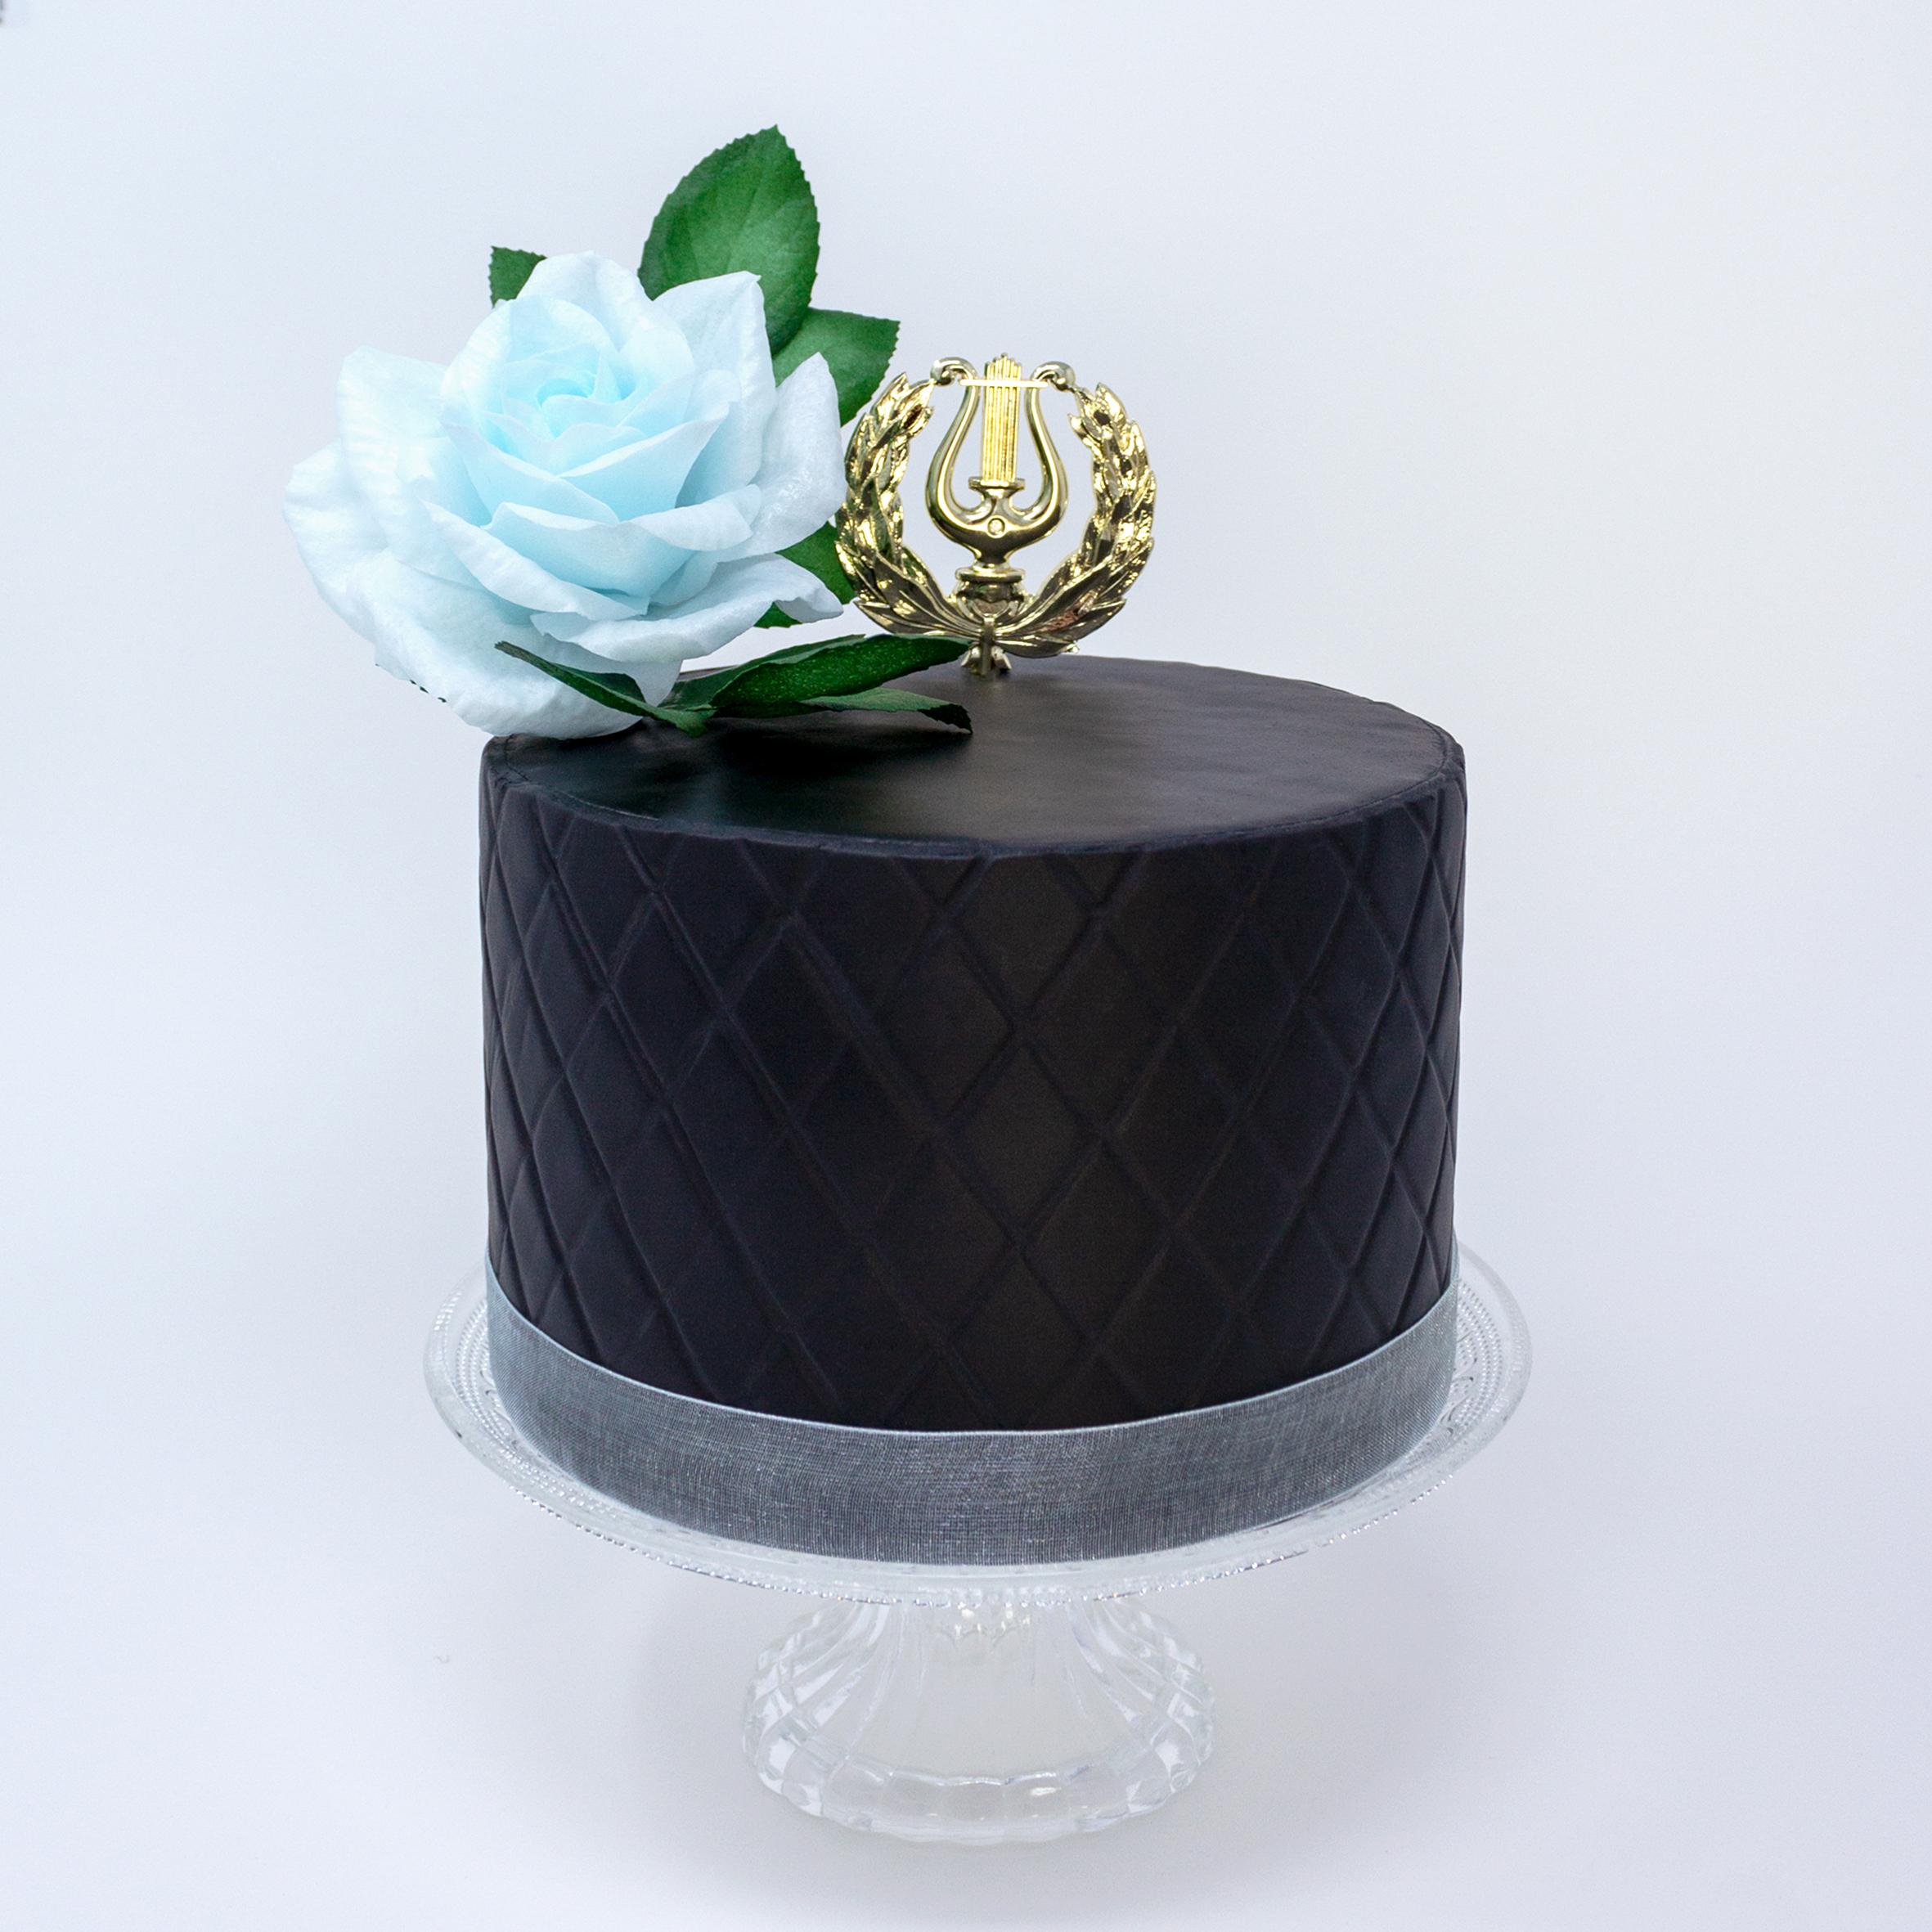 pieni musta ylioppilaskakku ja sininen ruusukoriste